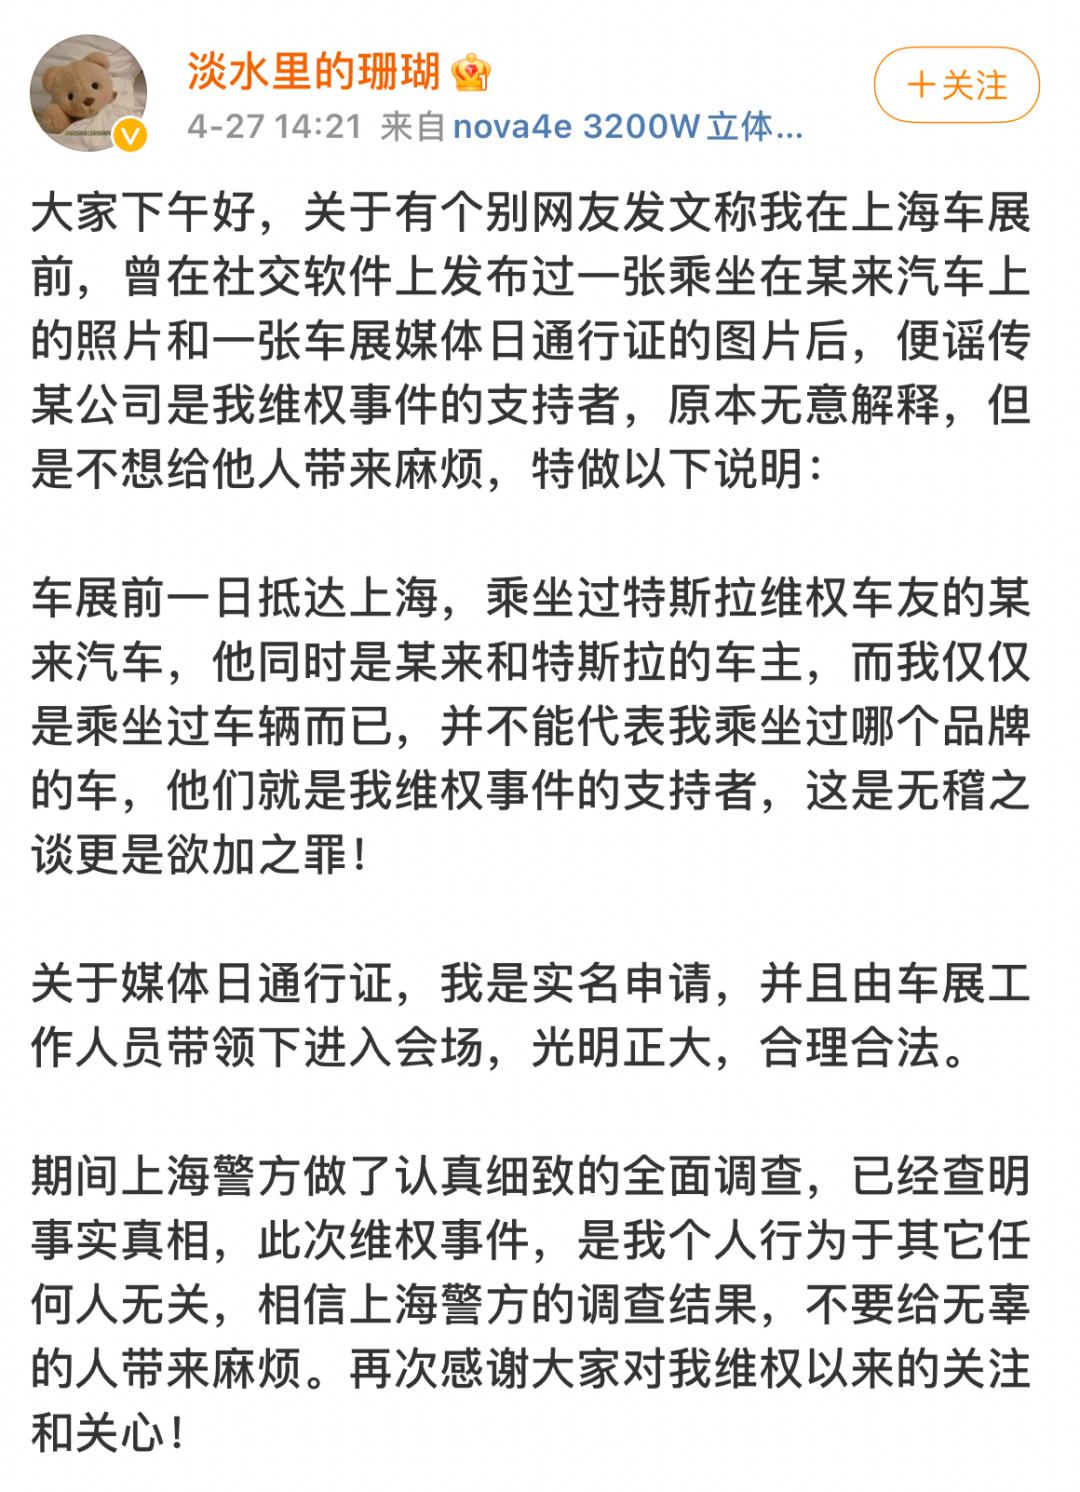 突发:特斯拉发奶茶照安抚支持者 不料又出新事故-5.jpg